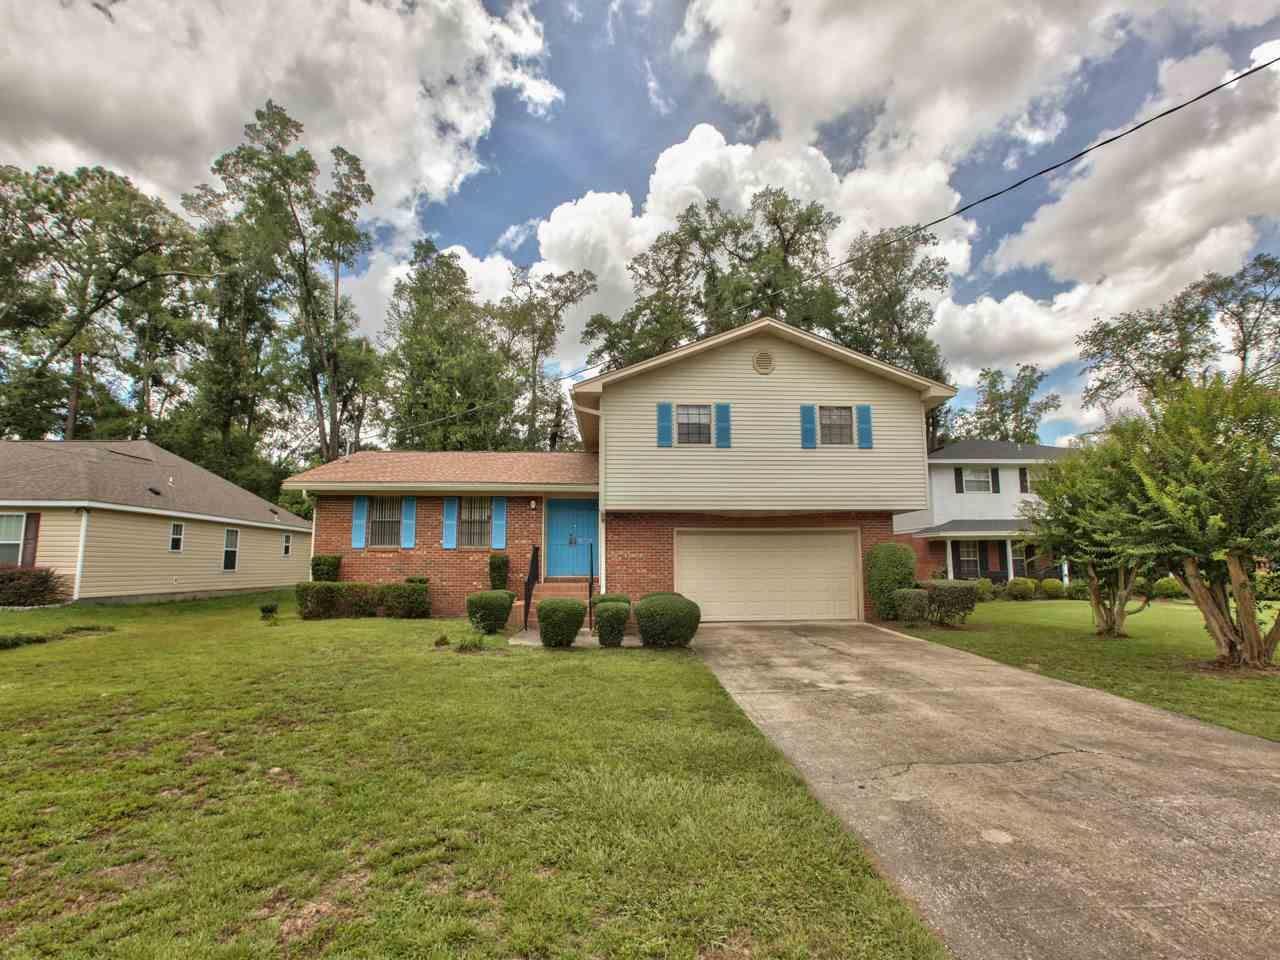 Photo of 3112 Brookridge Drive, TALLAHASSEE, FL 32305 (MLS # 321664)